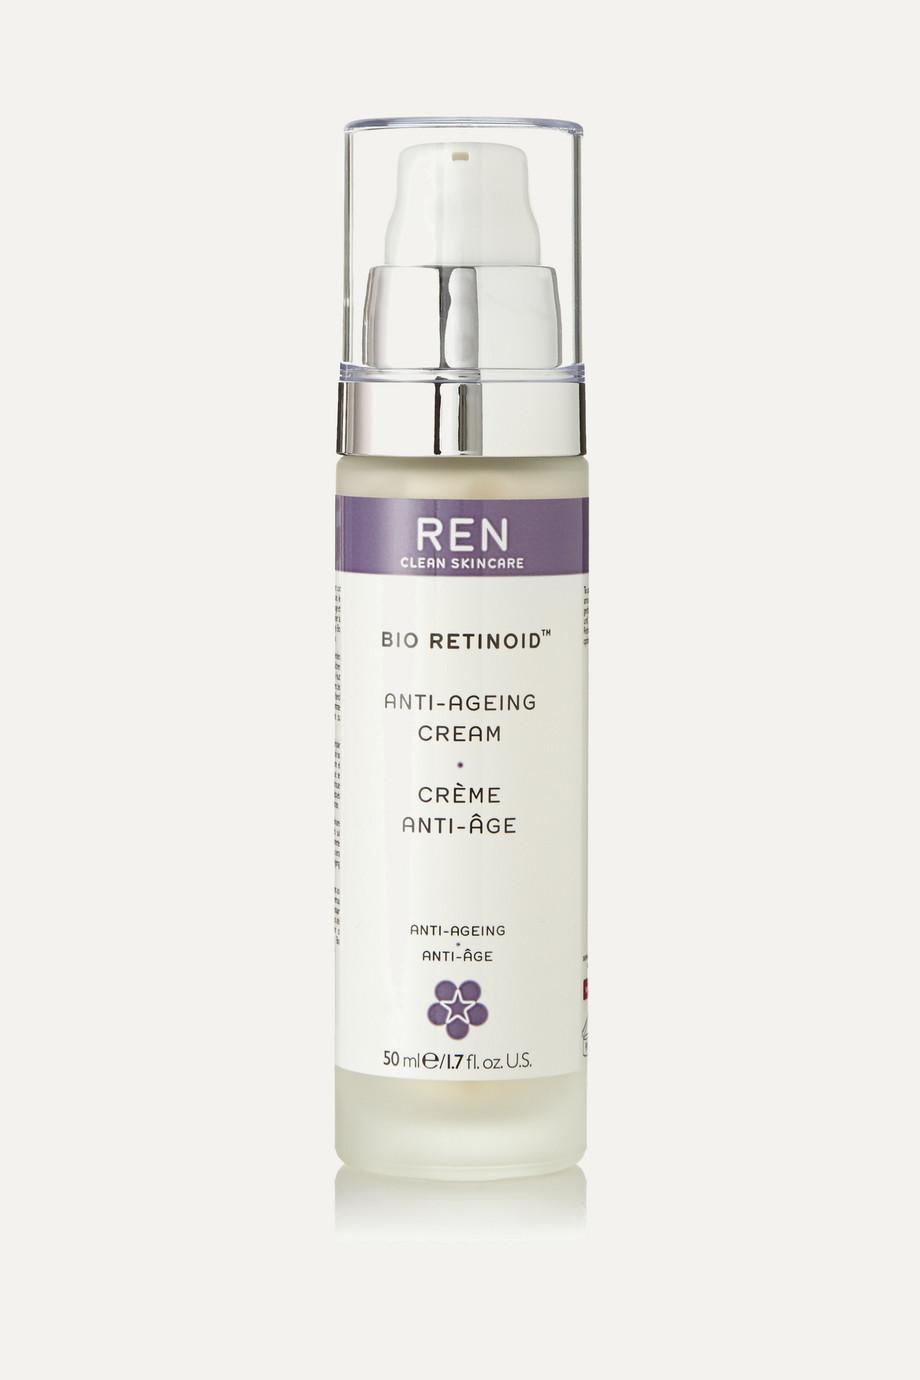 Bio Retinoid Anti-Ageing Cream, 50ml, by Ren Skincare